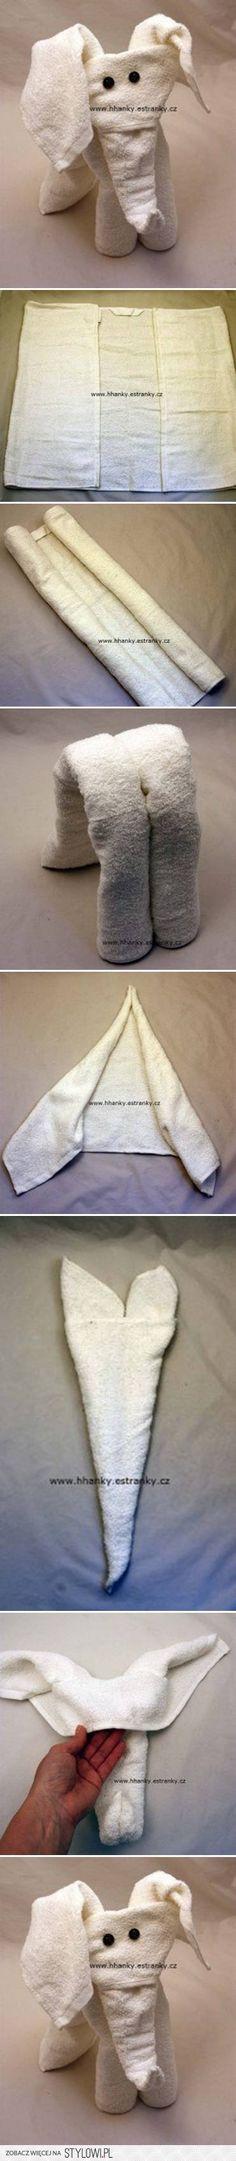 DIY Łatwe Ręcznik Projekty DIY Elephant | UsefulDIY.com na Stylowi.pl